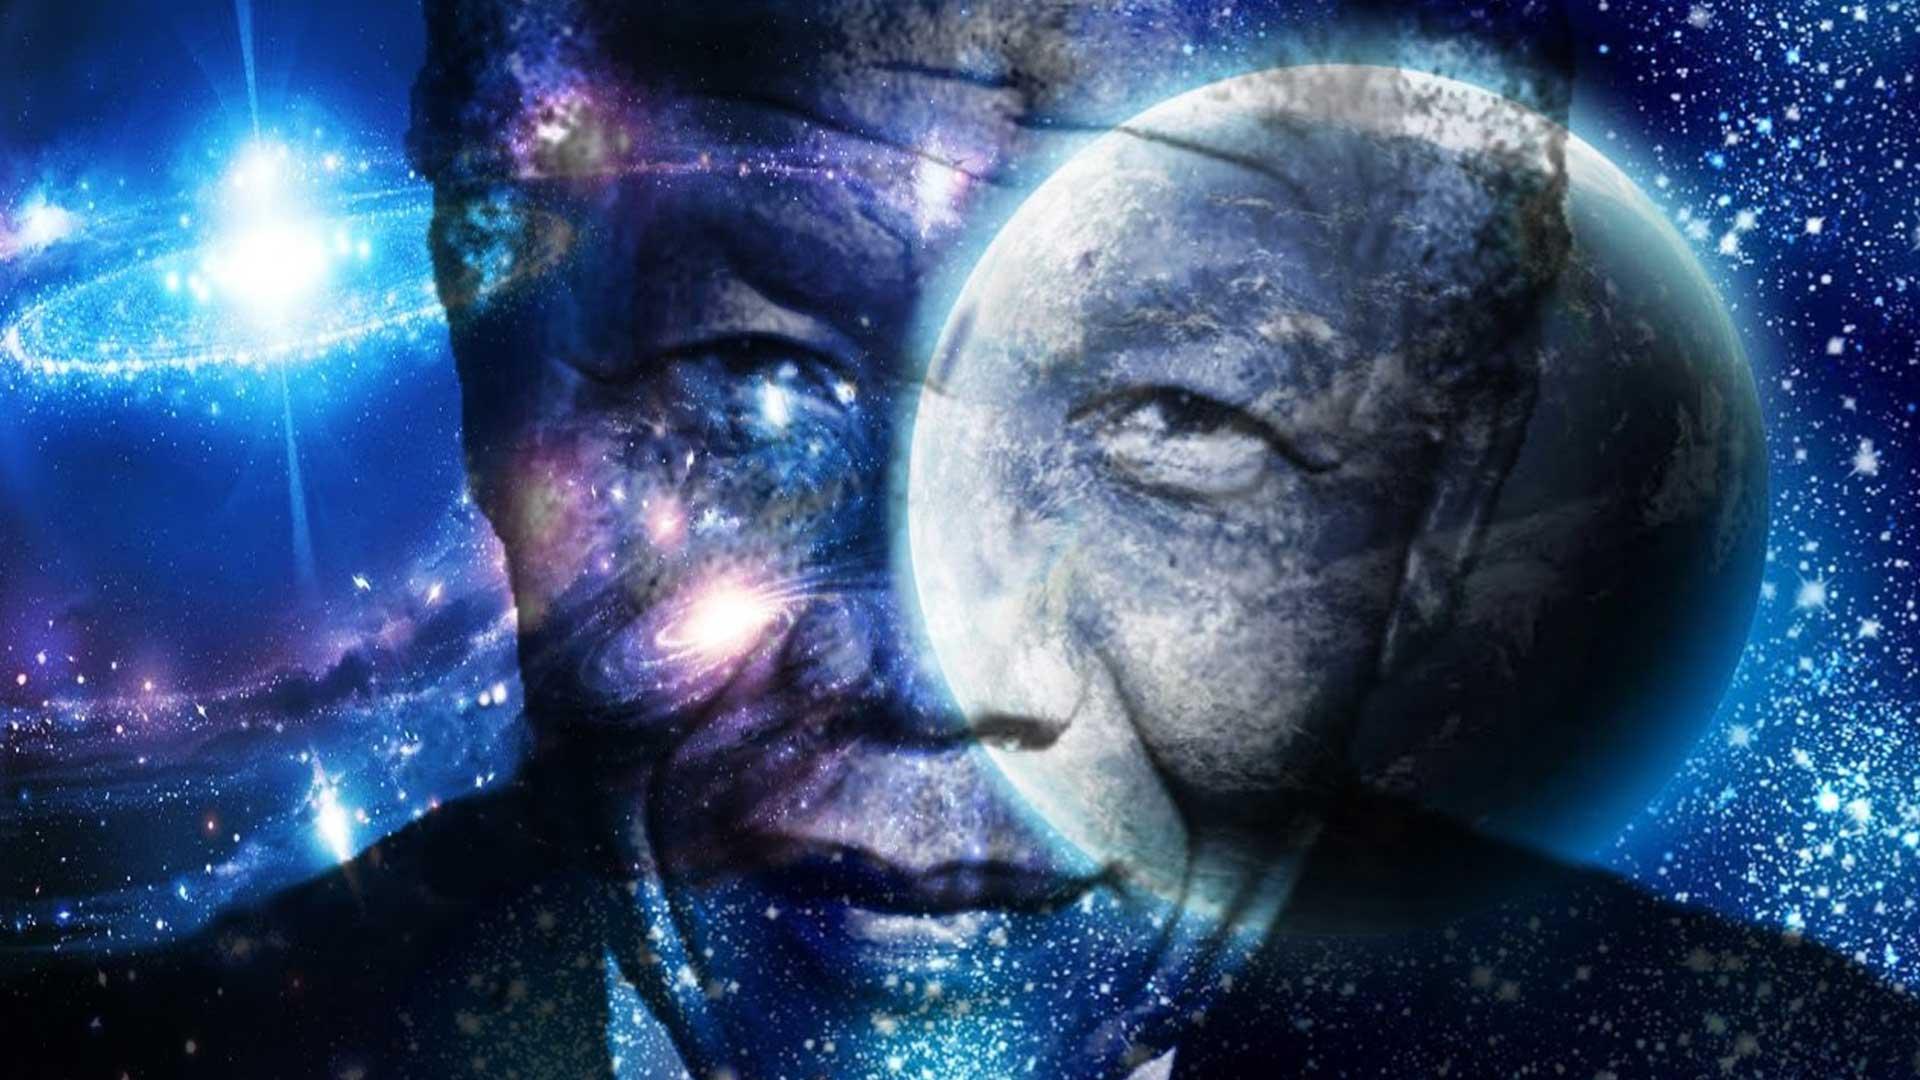 El efecto Mandela, ¿Alteración real de nuestra percepción por viajes en el tiempo?